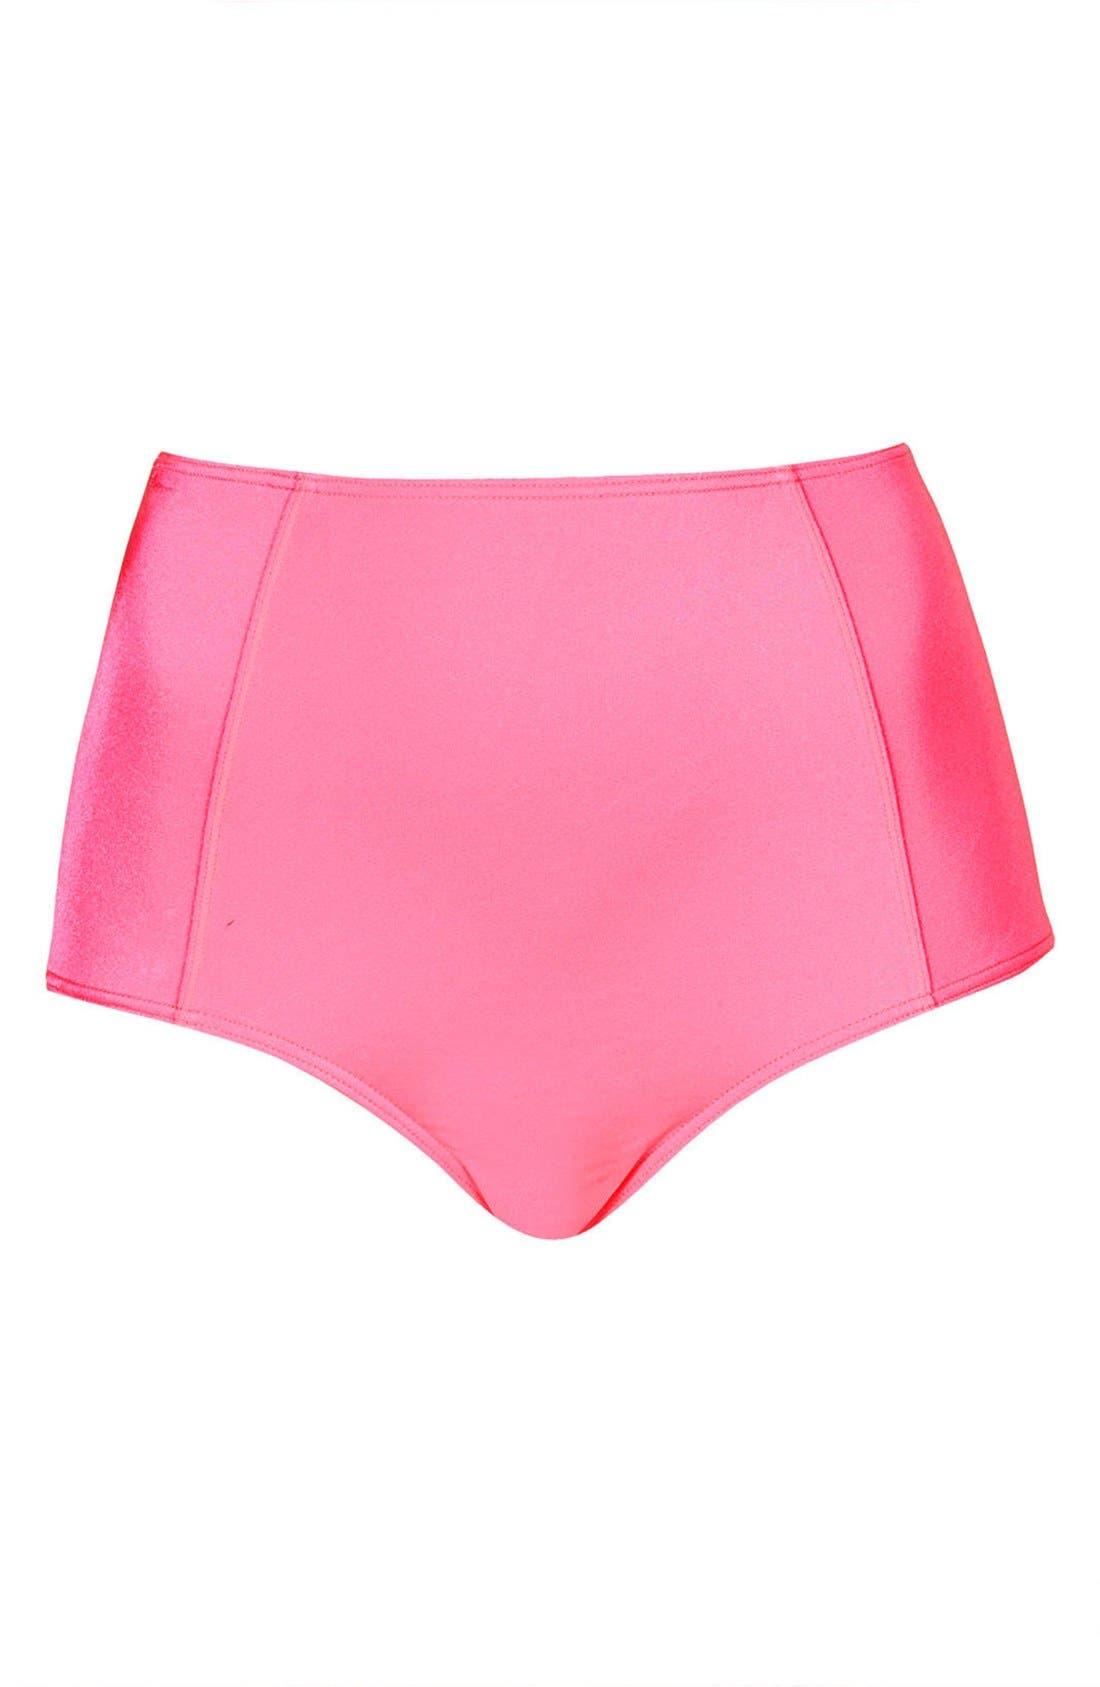 Main Image - Topshop High Waist Bikini Bottoms